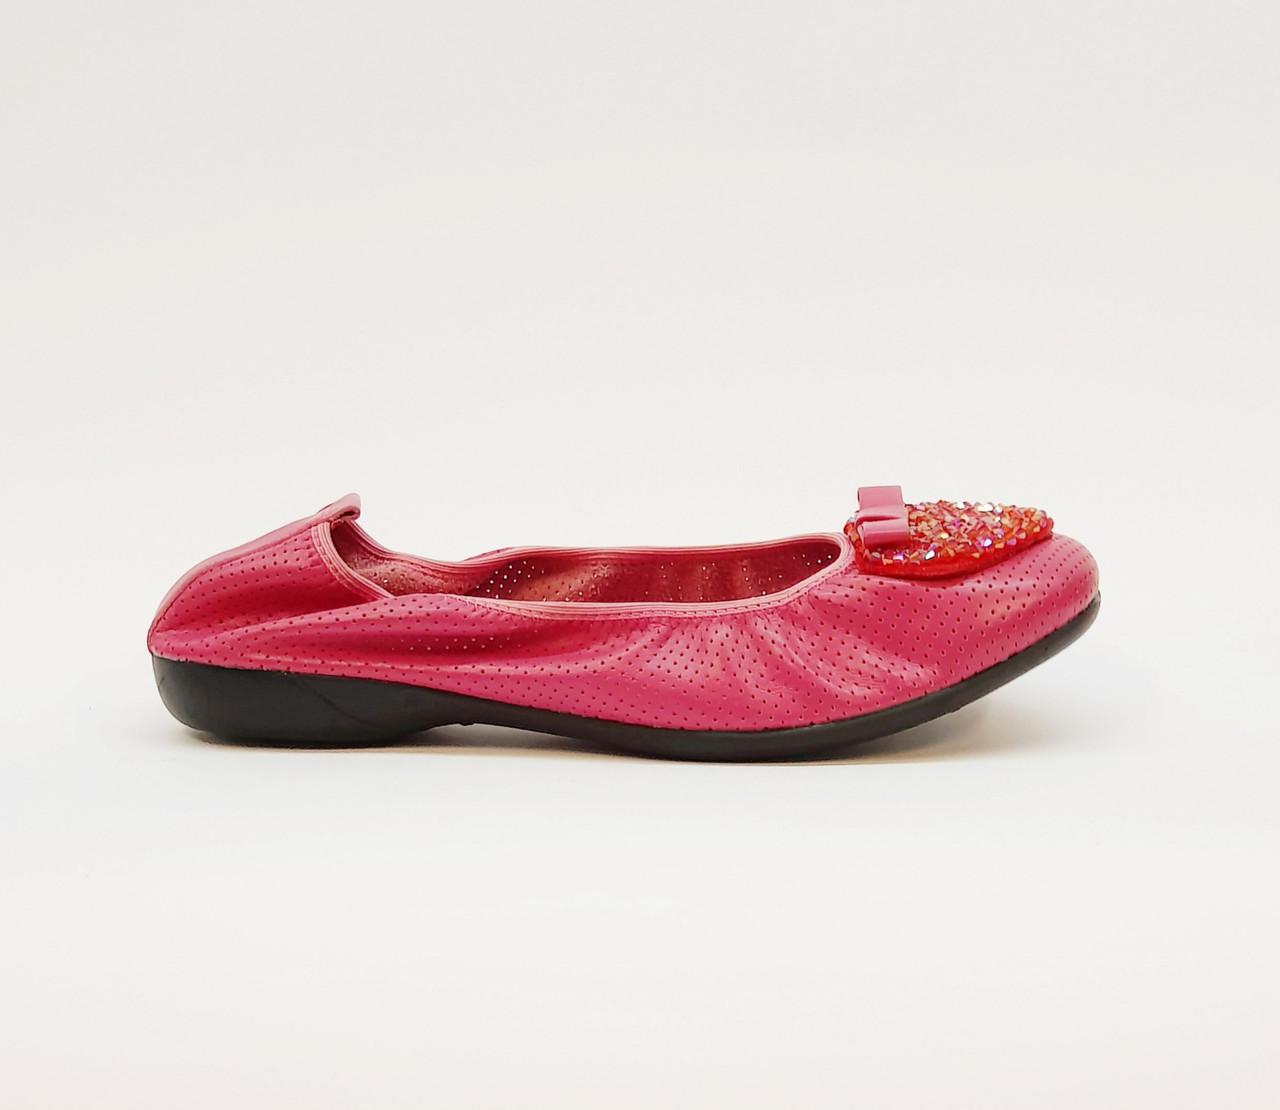 Балетки женские весенне-летние из натуральной кожи на плоской подошве розовые 37